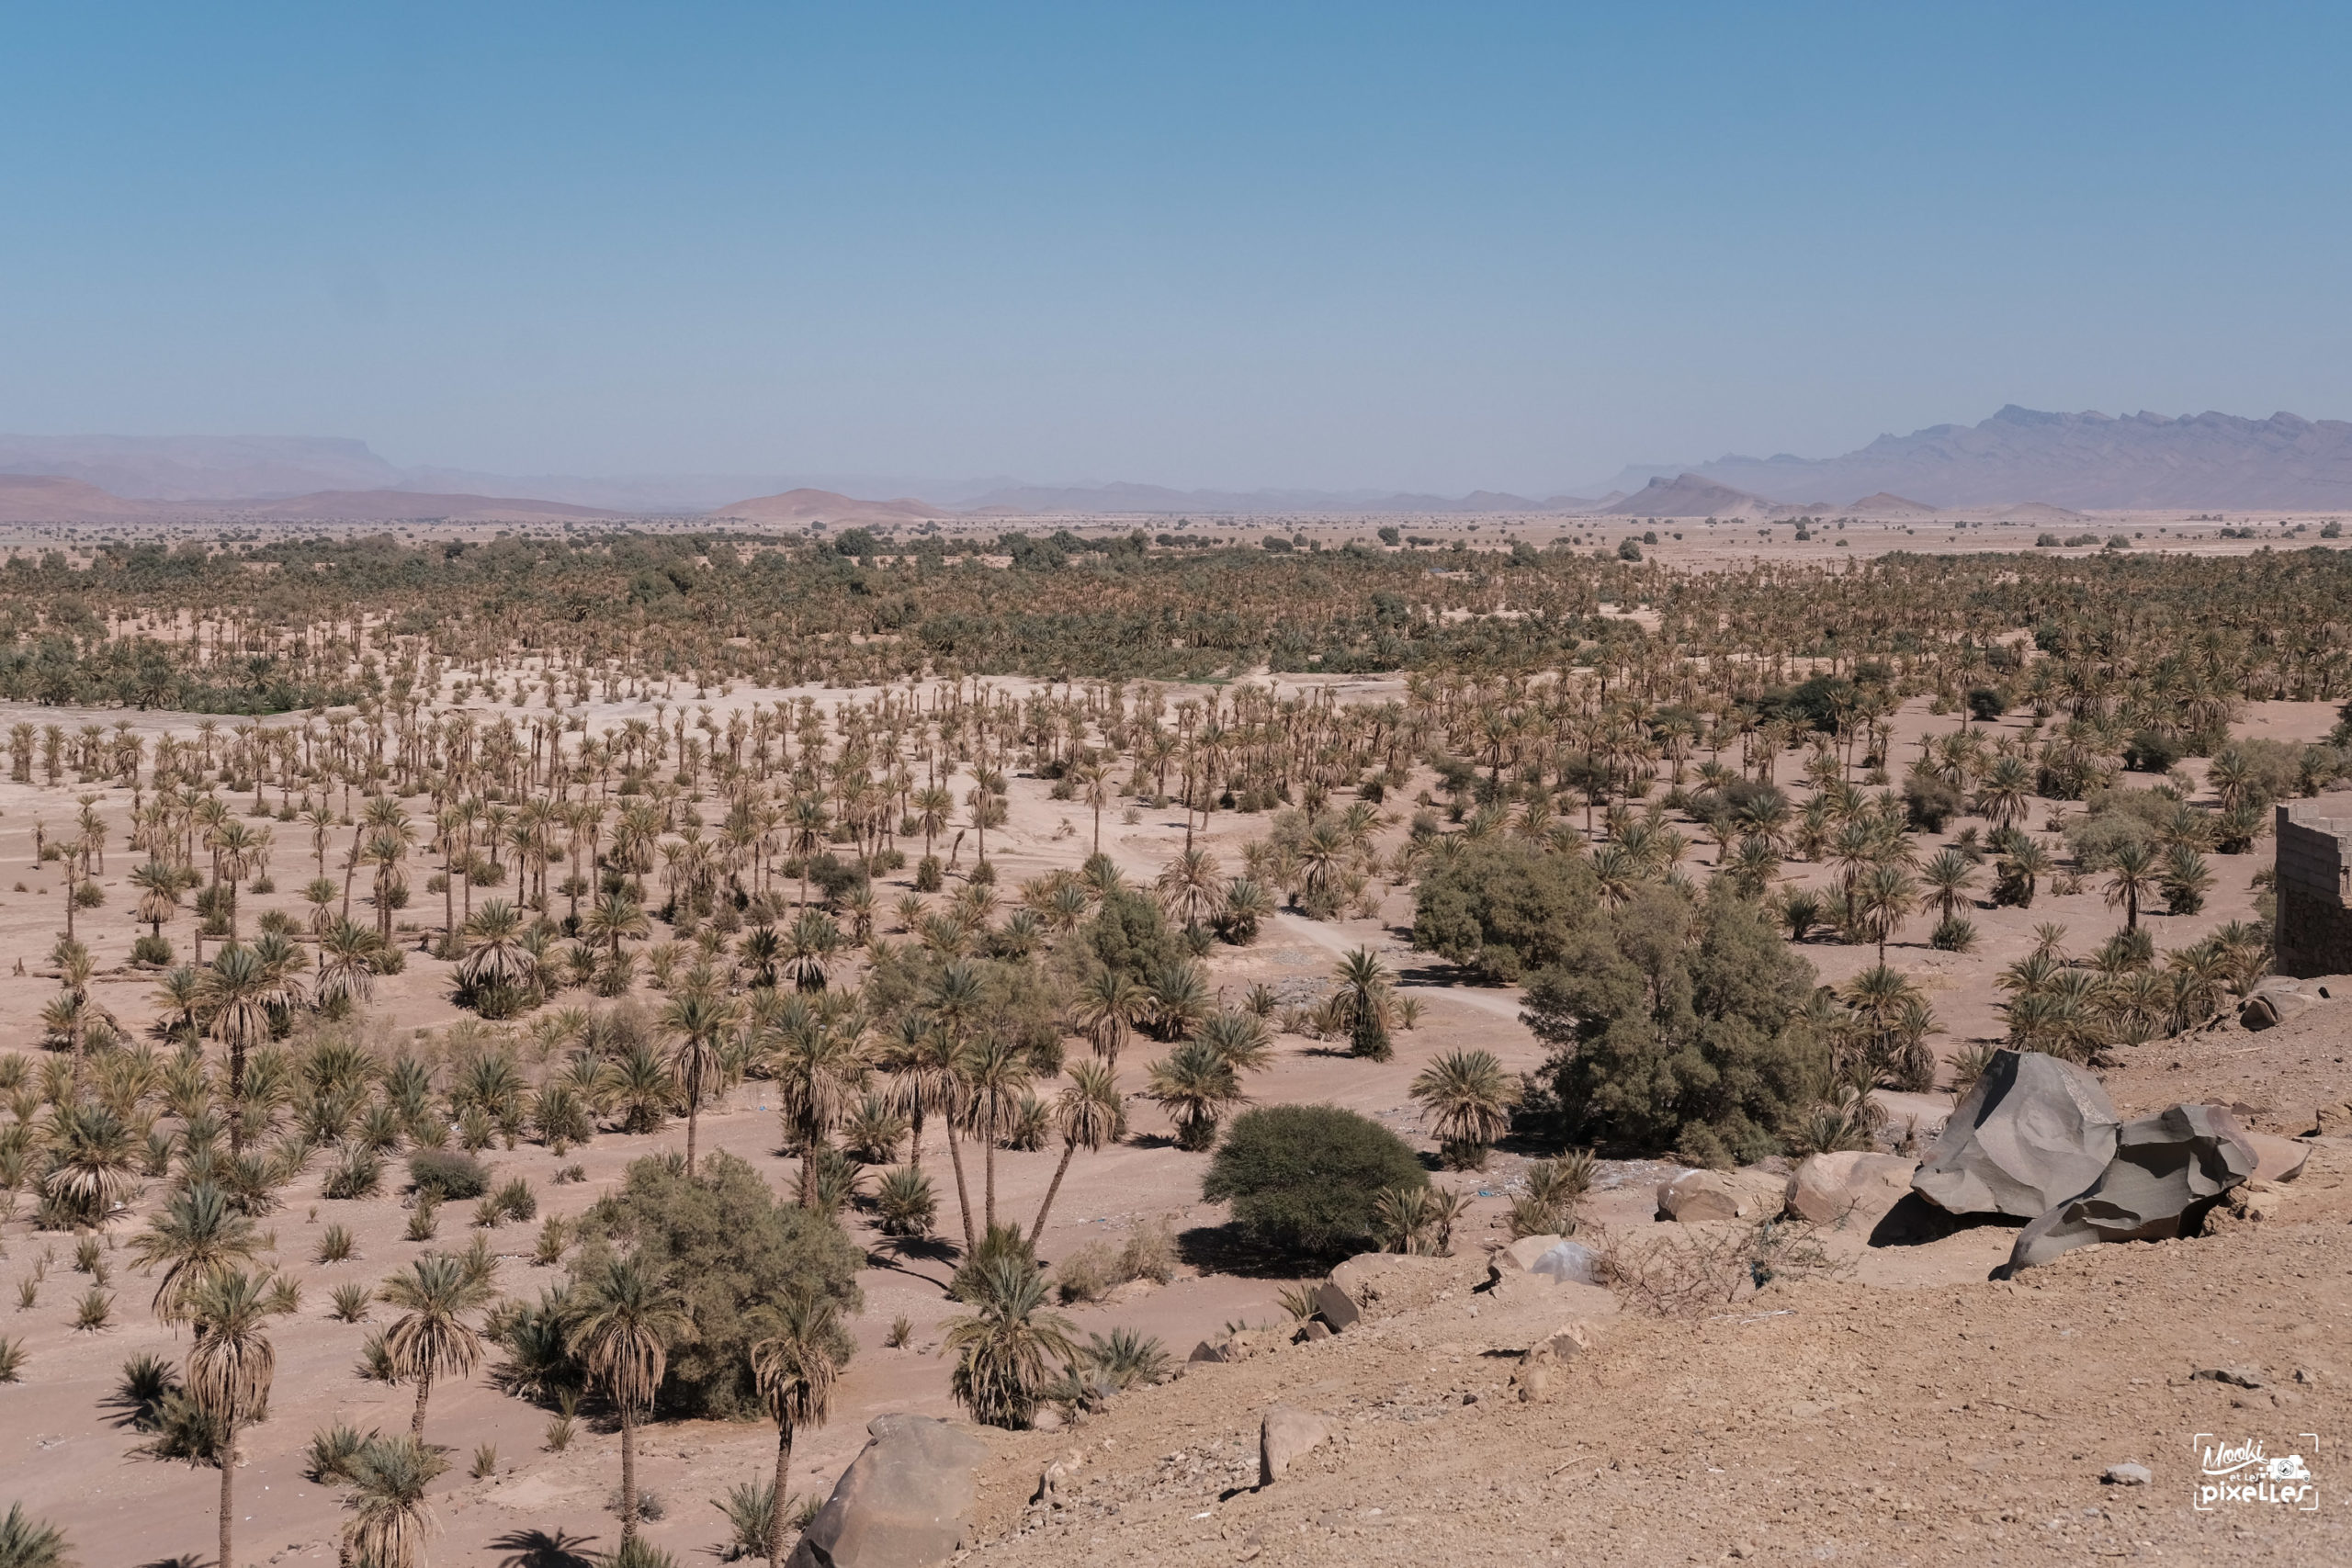 Vue au dessus d'une palmeraie au Maroc